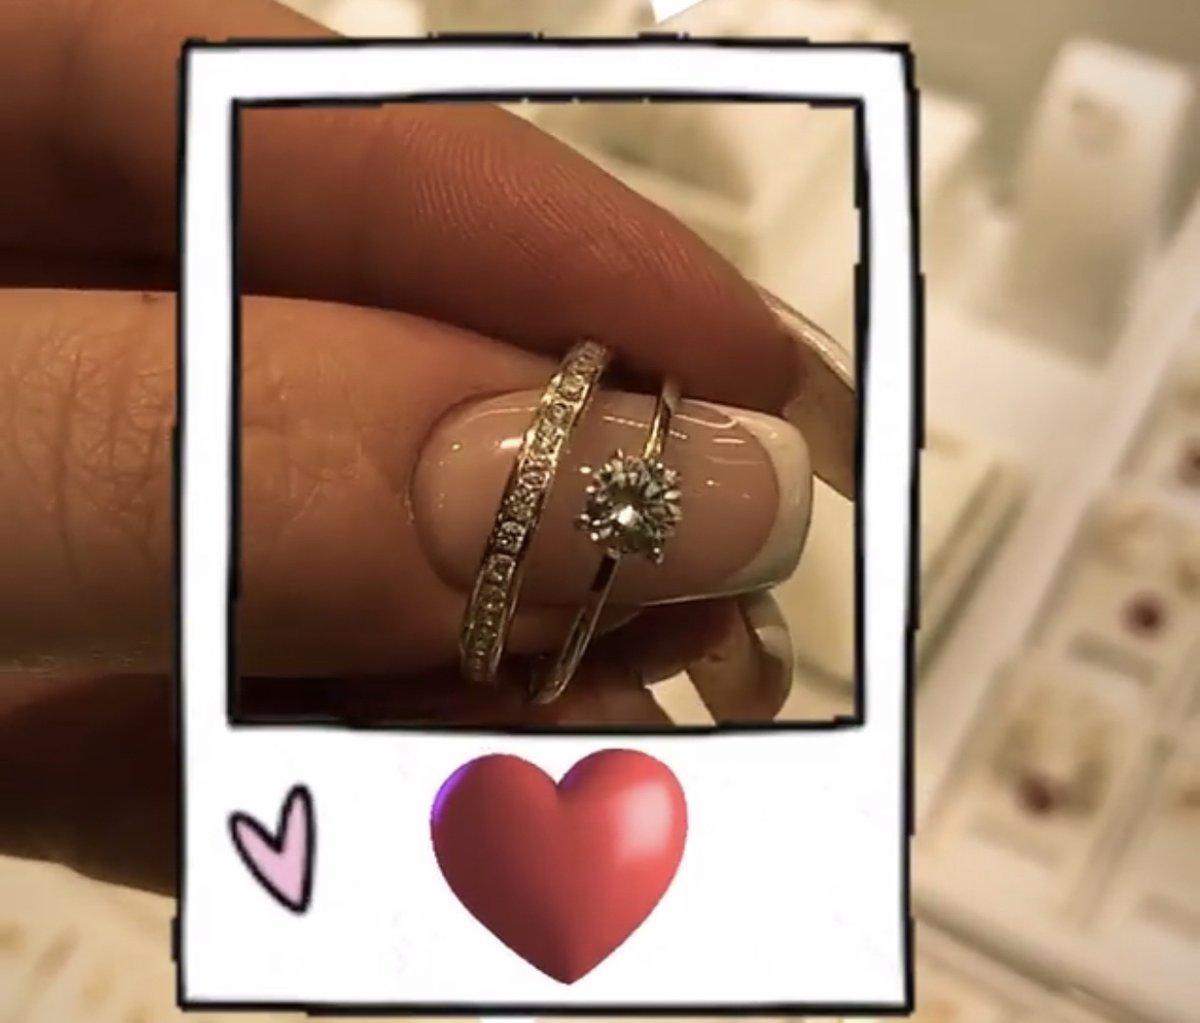 Отличное кольцо . ношу с удовольсвием . посоветовала сестре. тоже купила